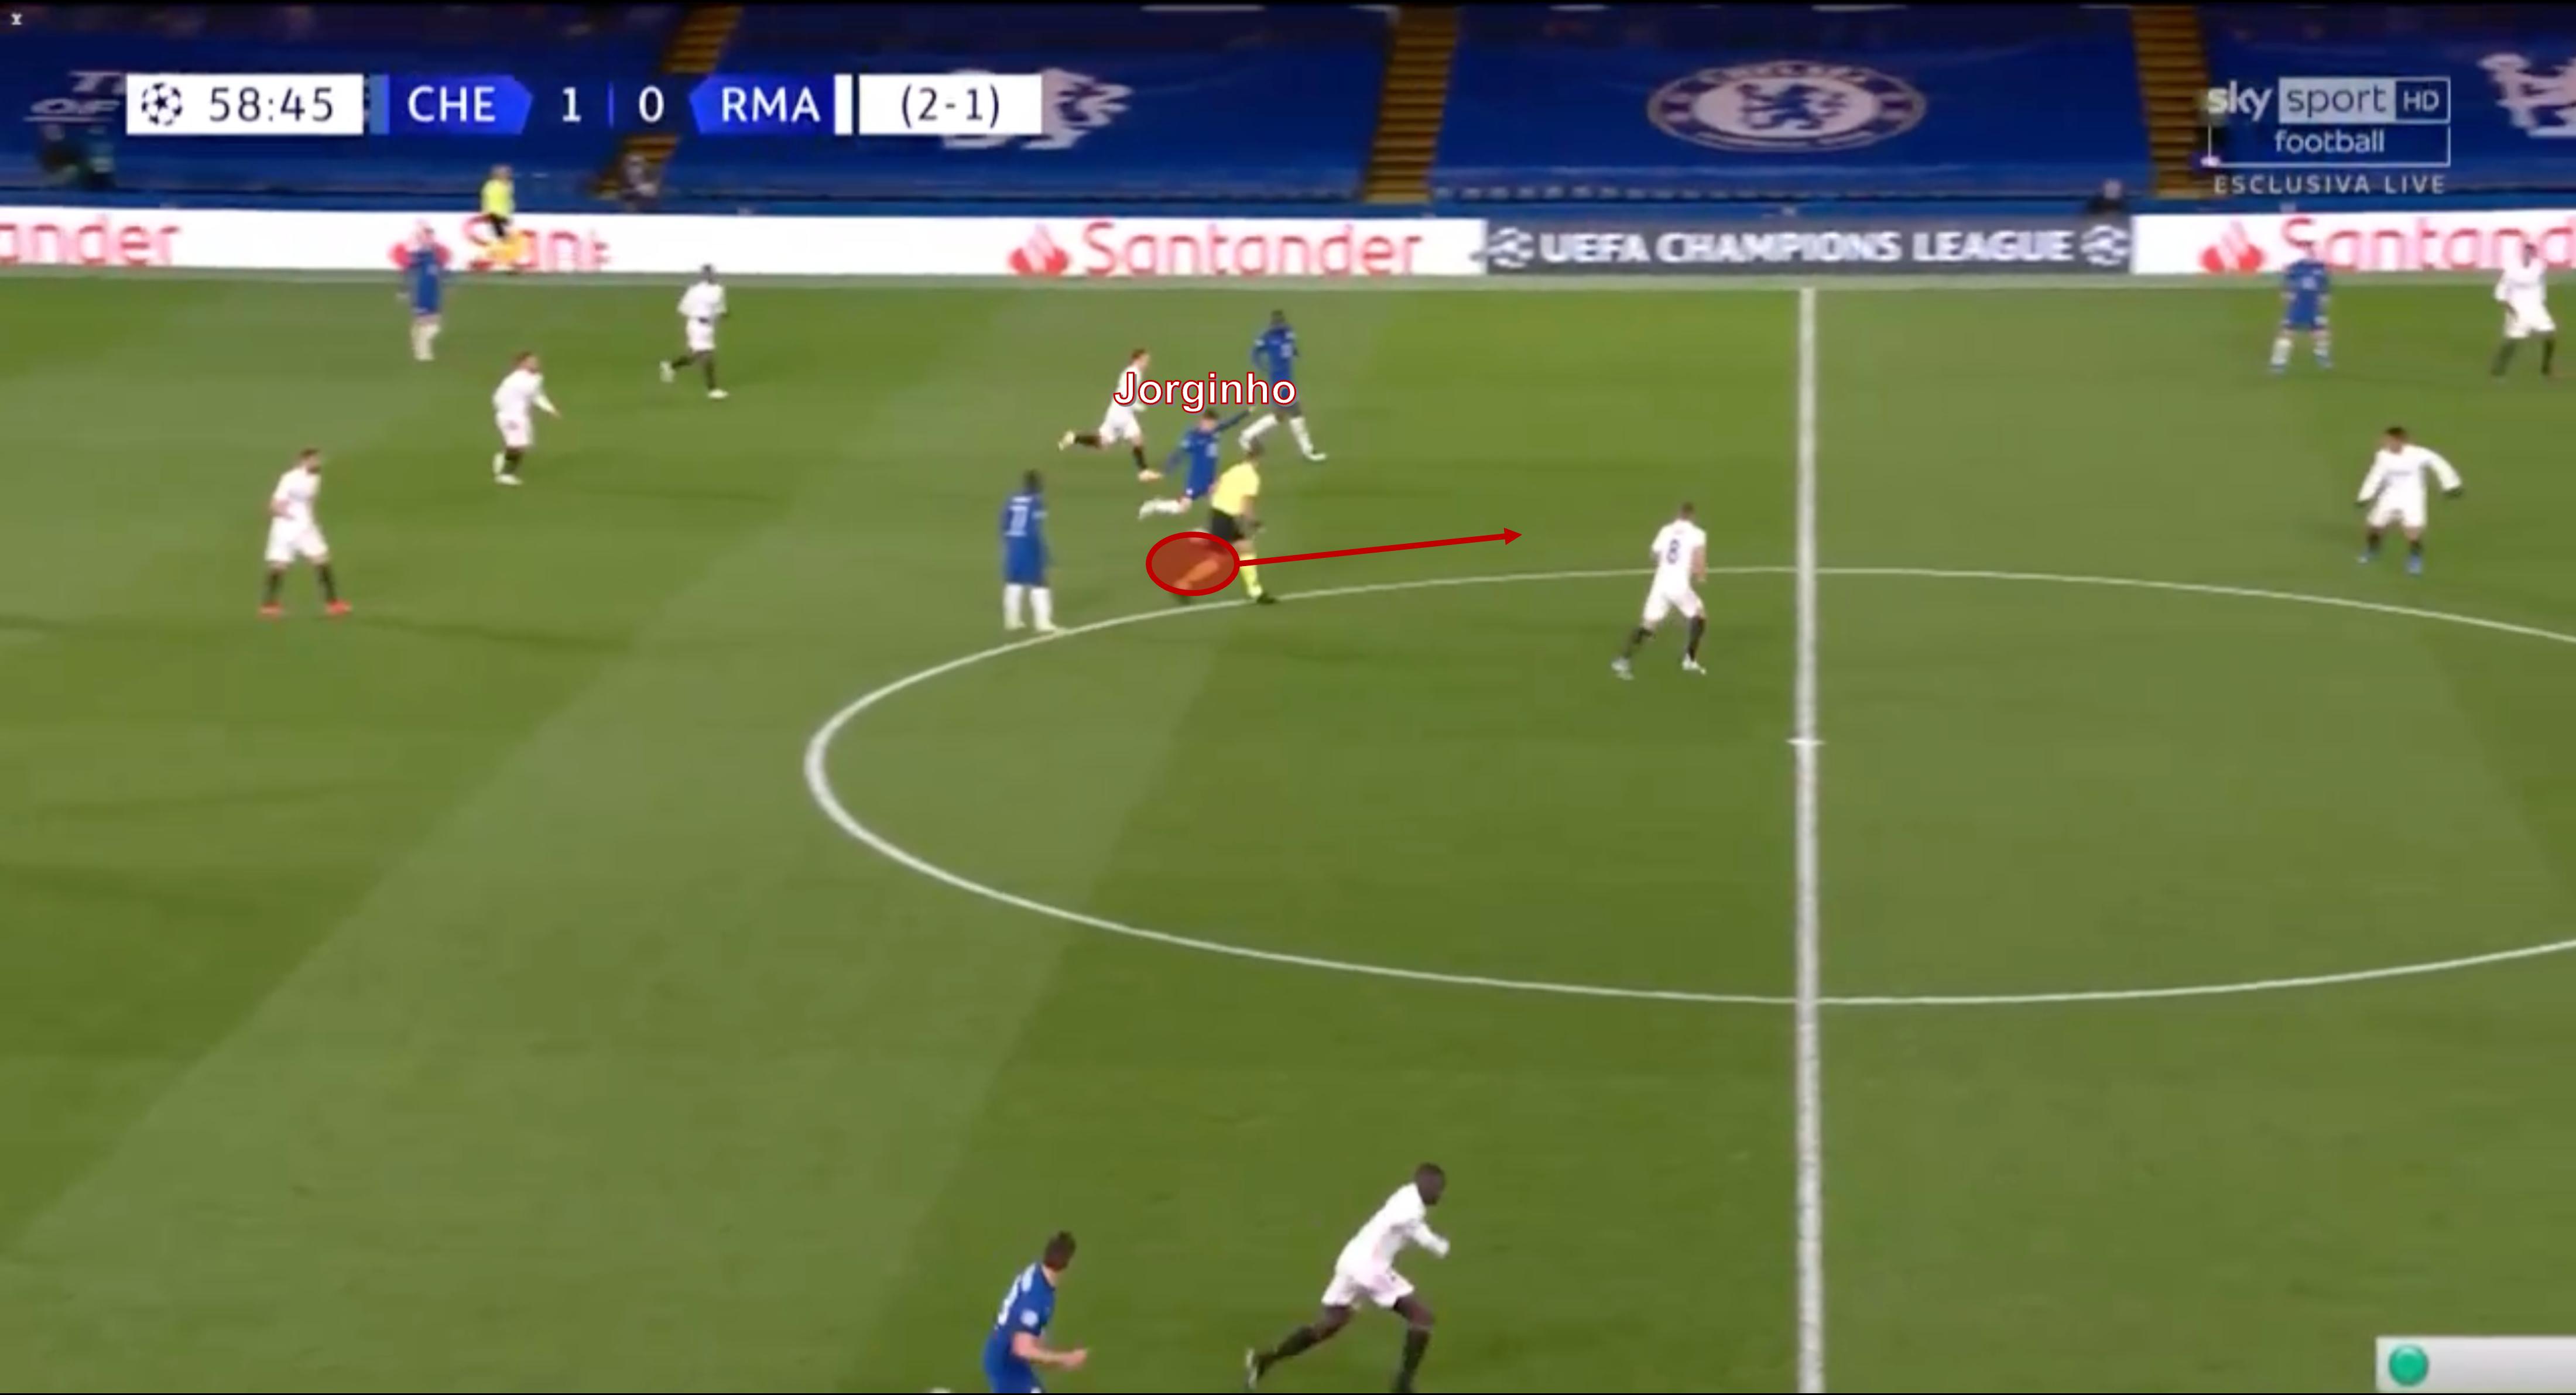 Premier League 2021/22 preview: Chelsea vs Man City - tactical analysis tactics